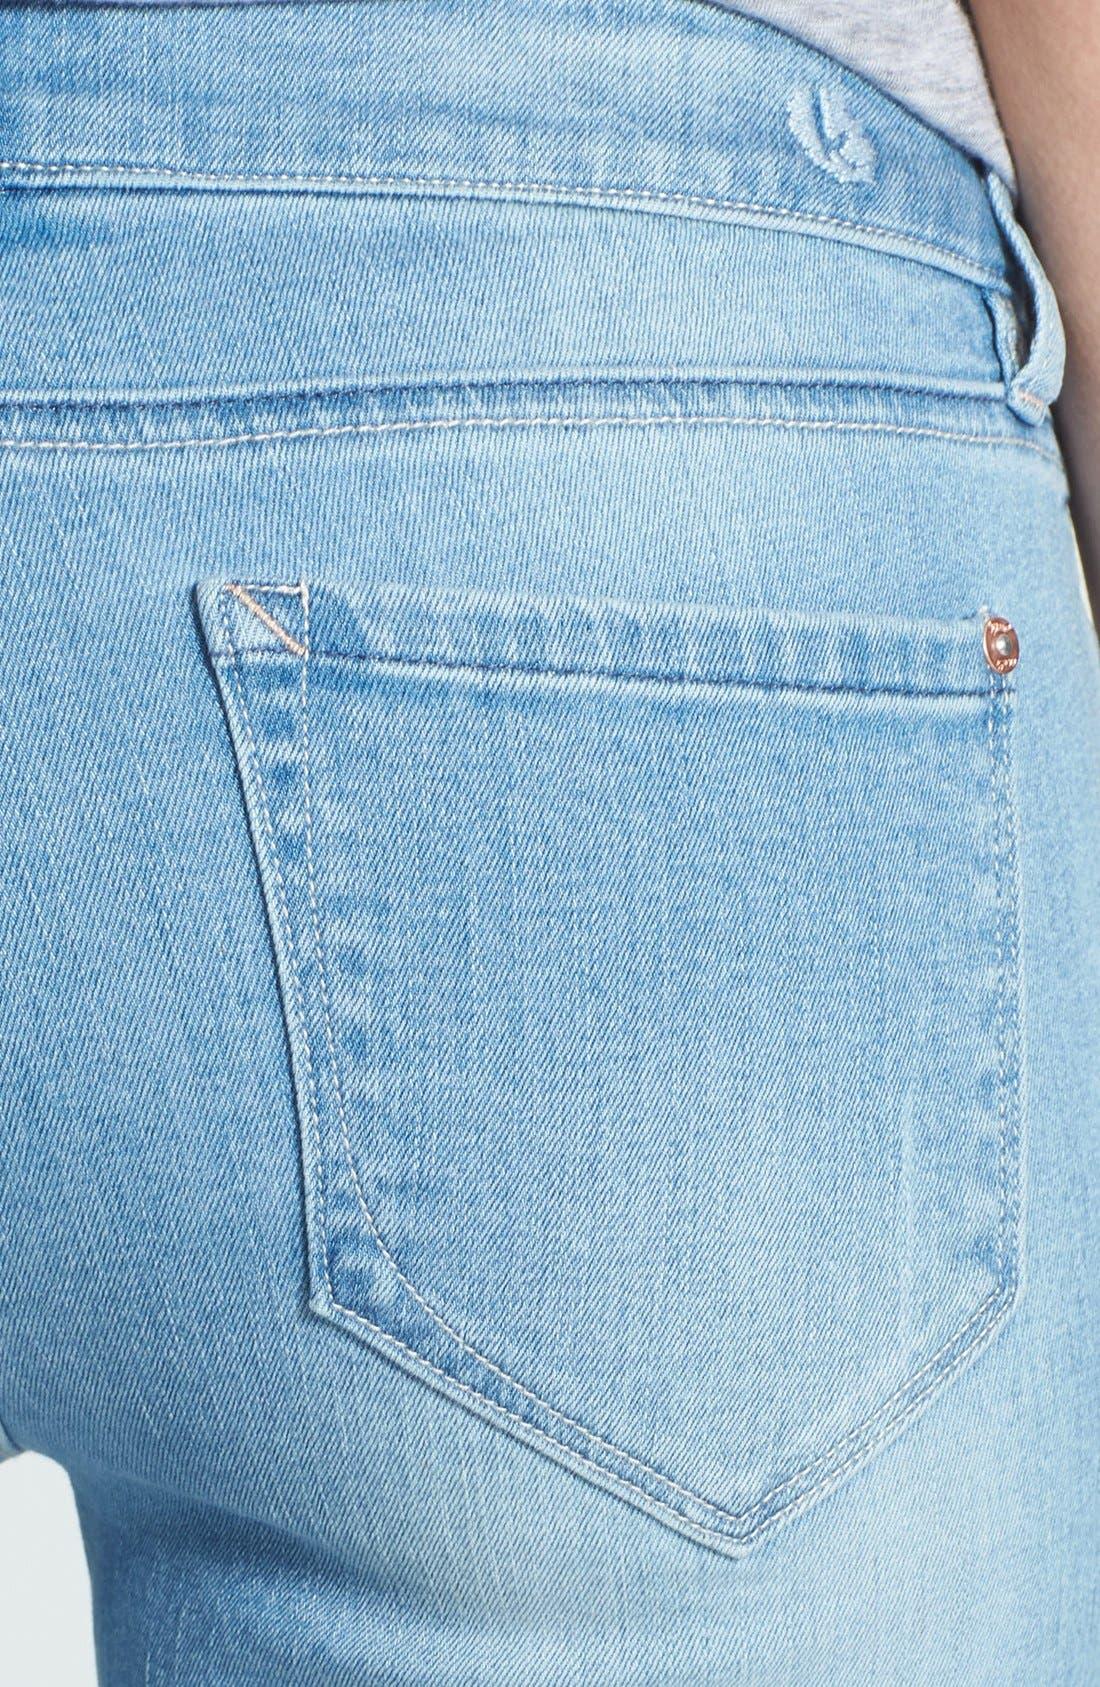 Alternate Image 3  - kensie Denim Bermuda Shorts